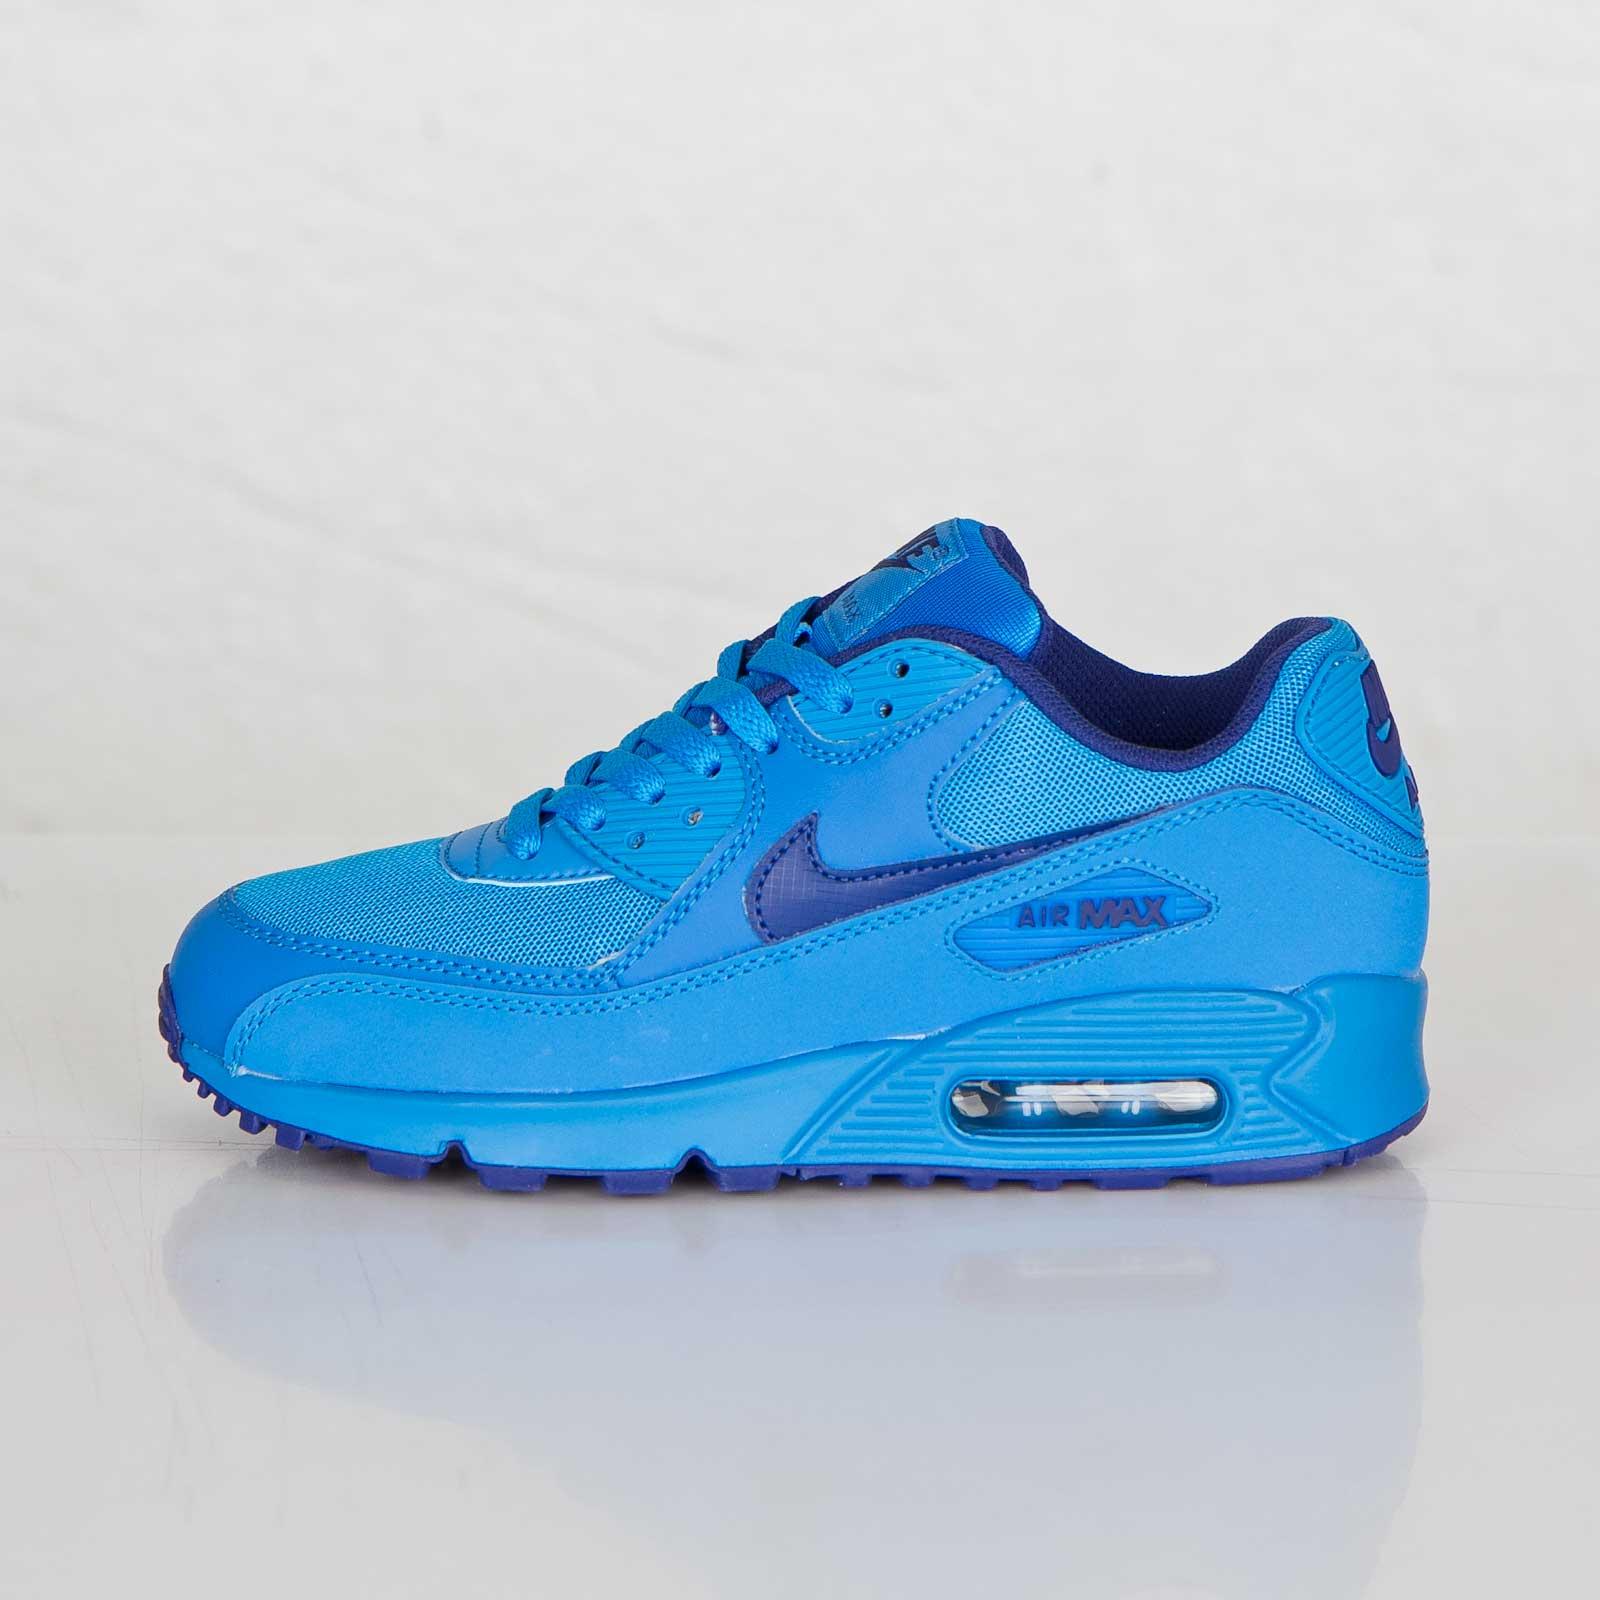 Nike Air Max 90 (GS) - 307793-408 - SNS | sneakers & streetwear ...